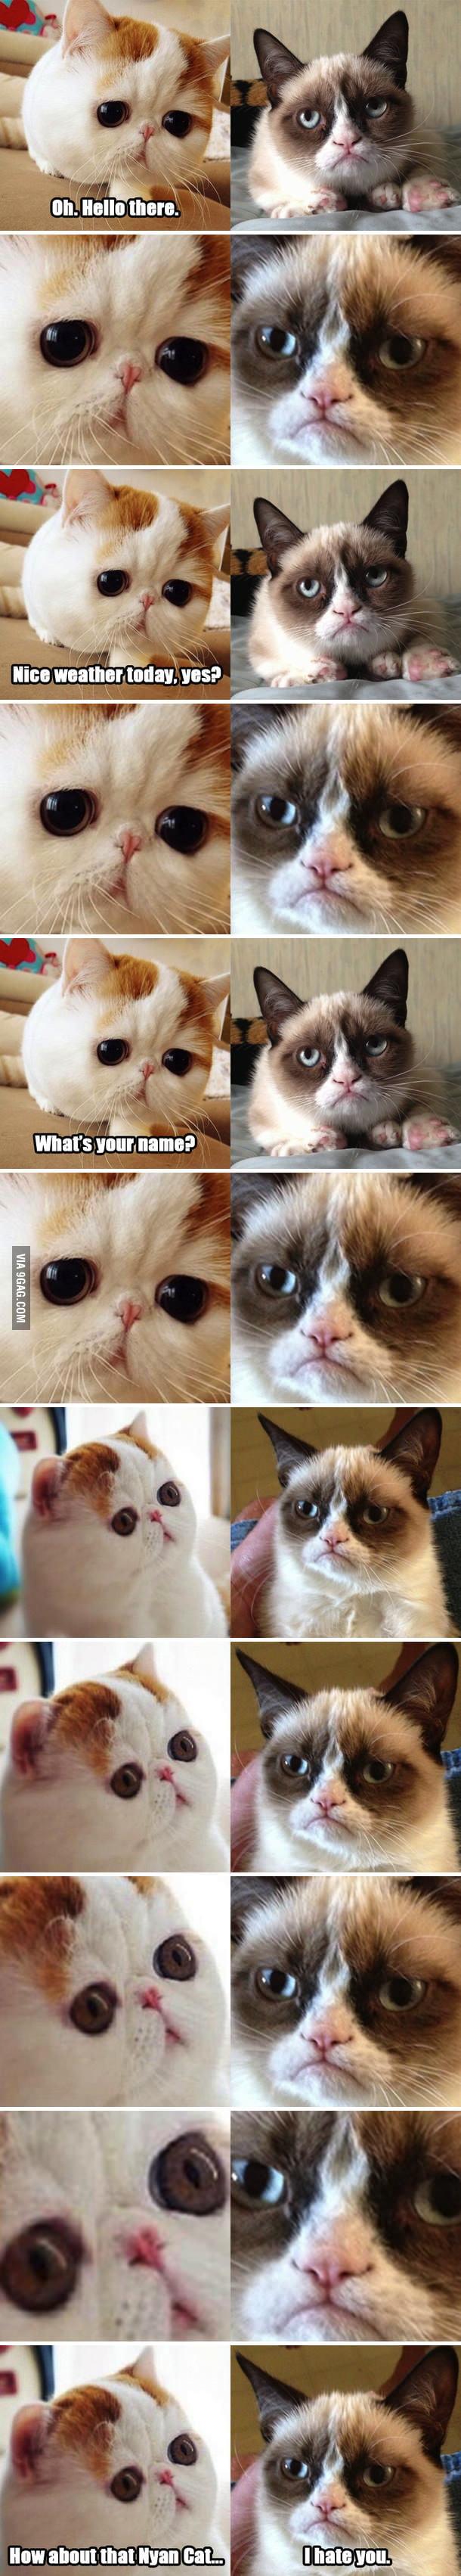 Snoopy Cat meets Grumpy Cat